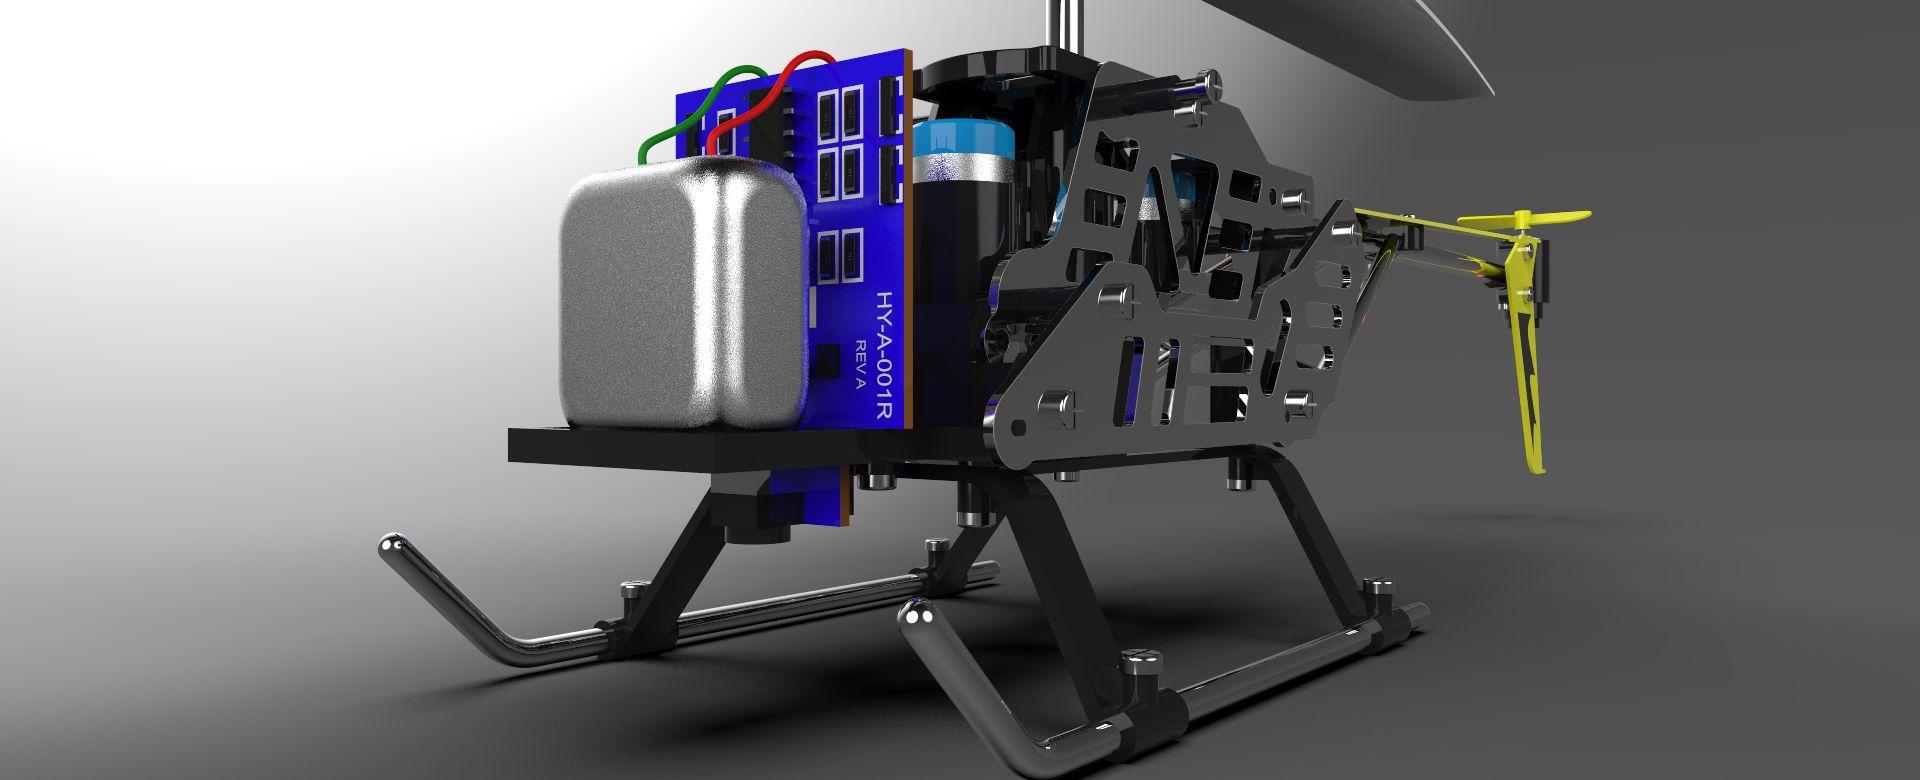 Choper-172-3500-3500